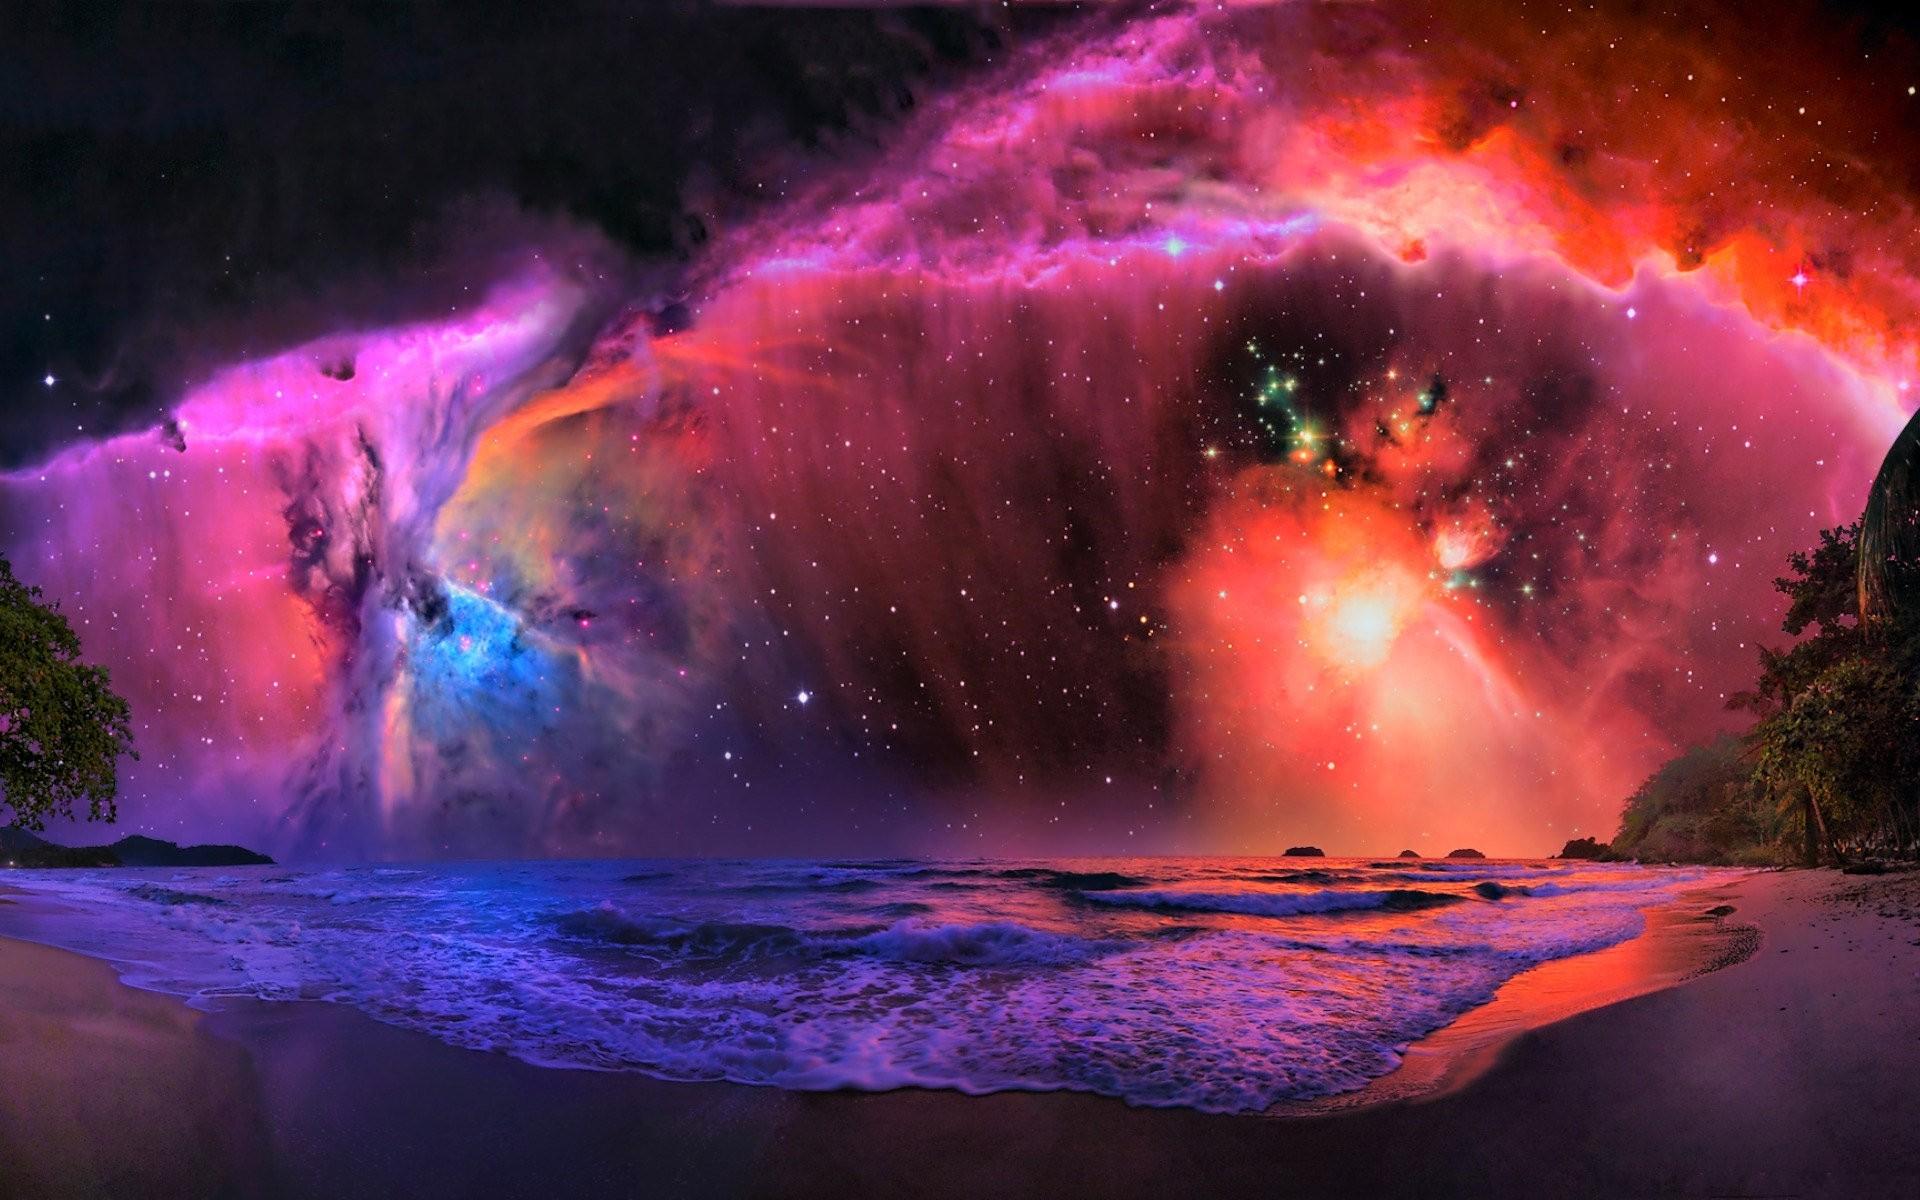 все красивые картинки ночи и вселенной соцсетей многие знаменитости